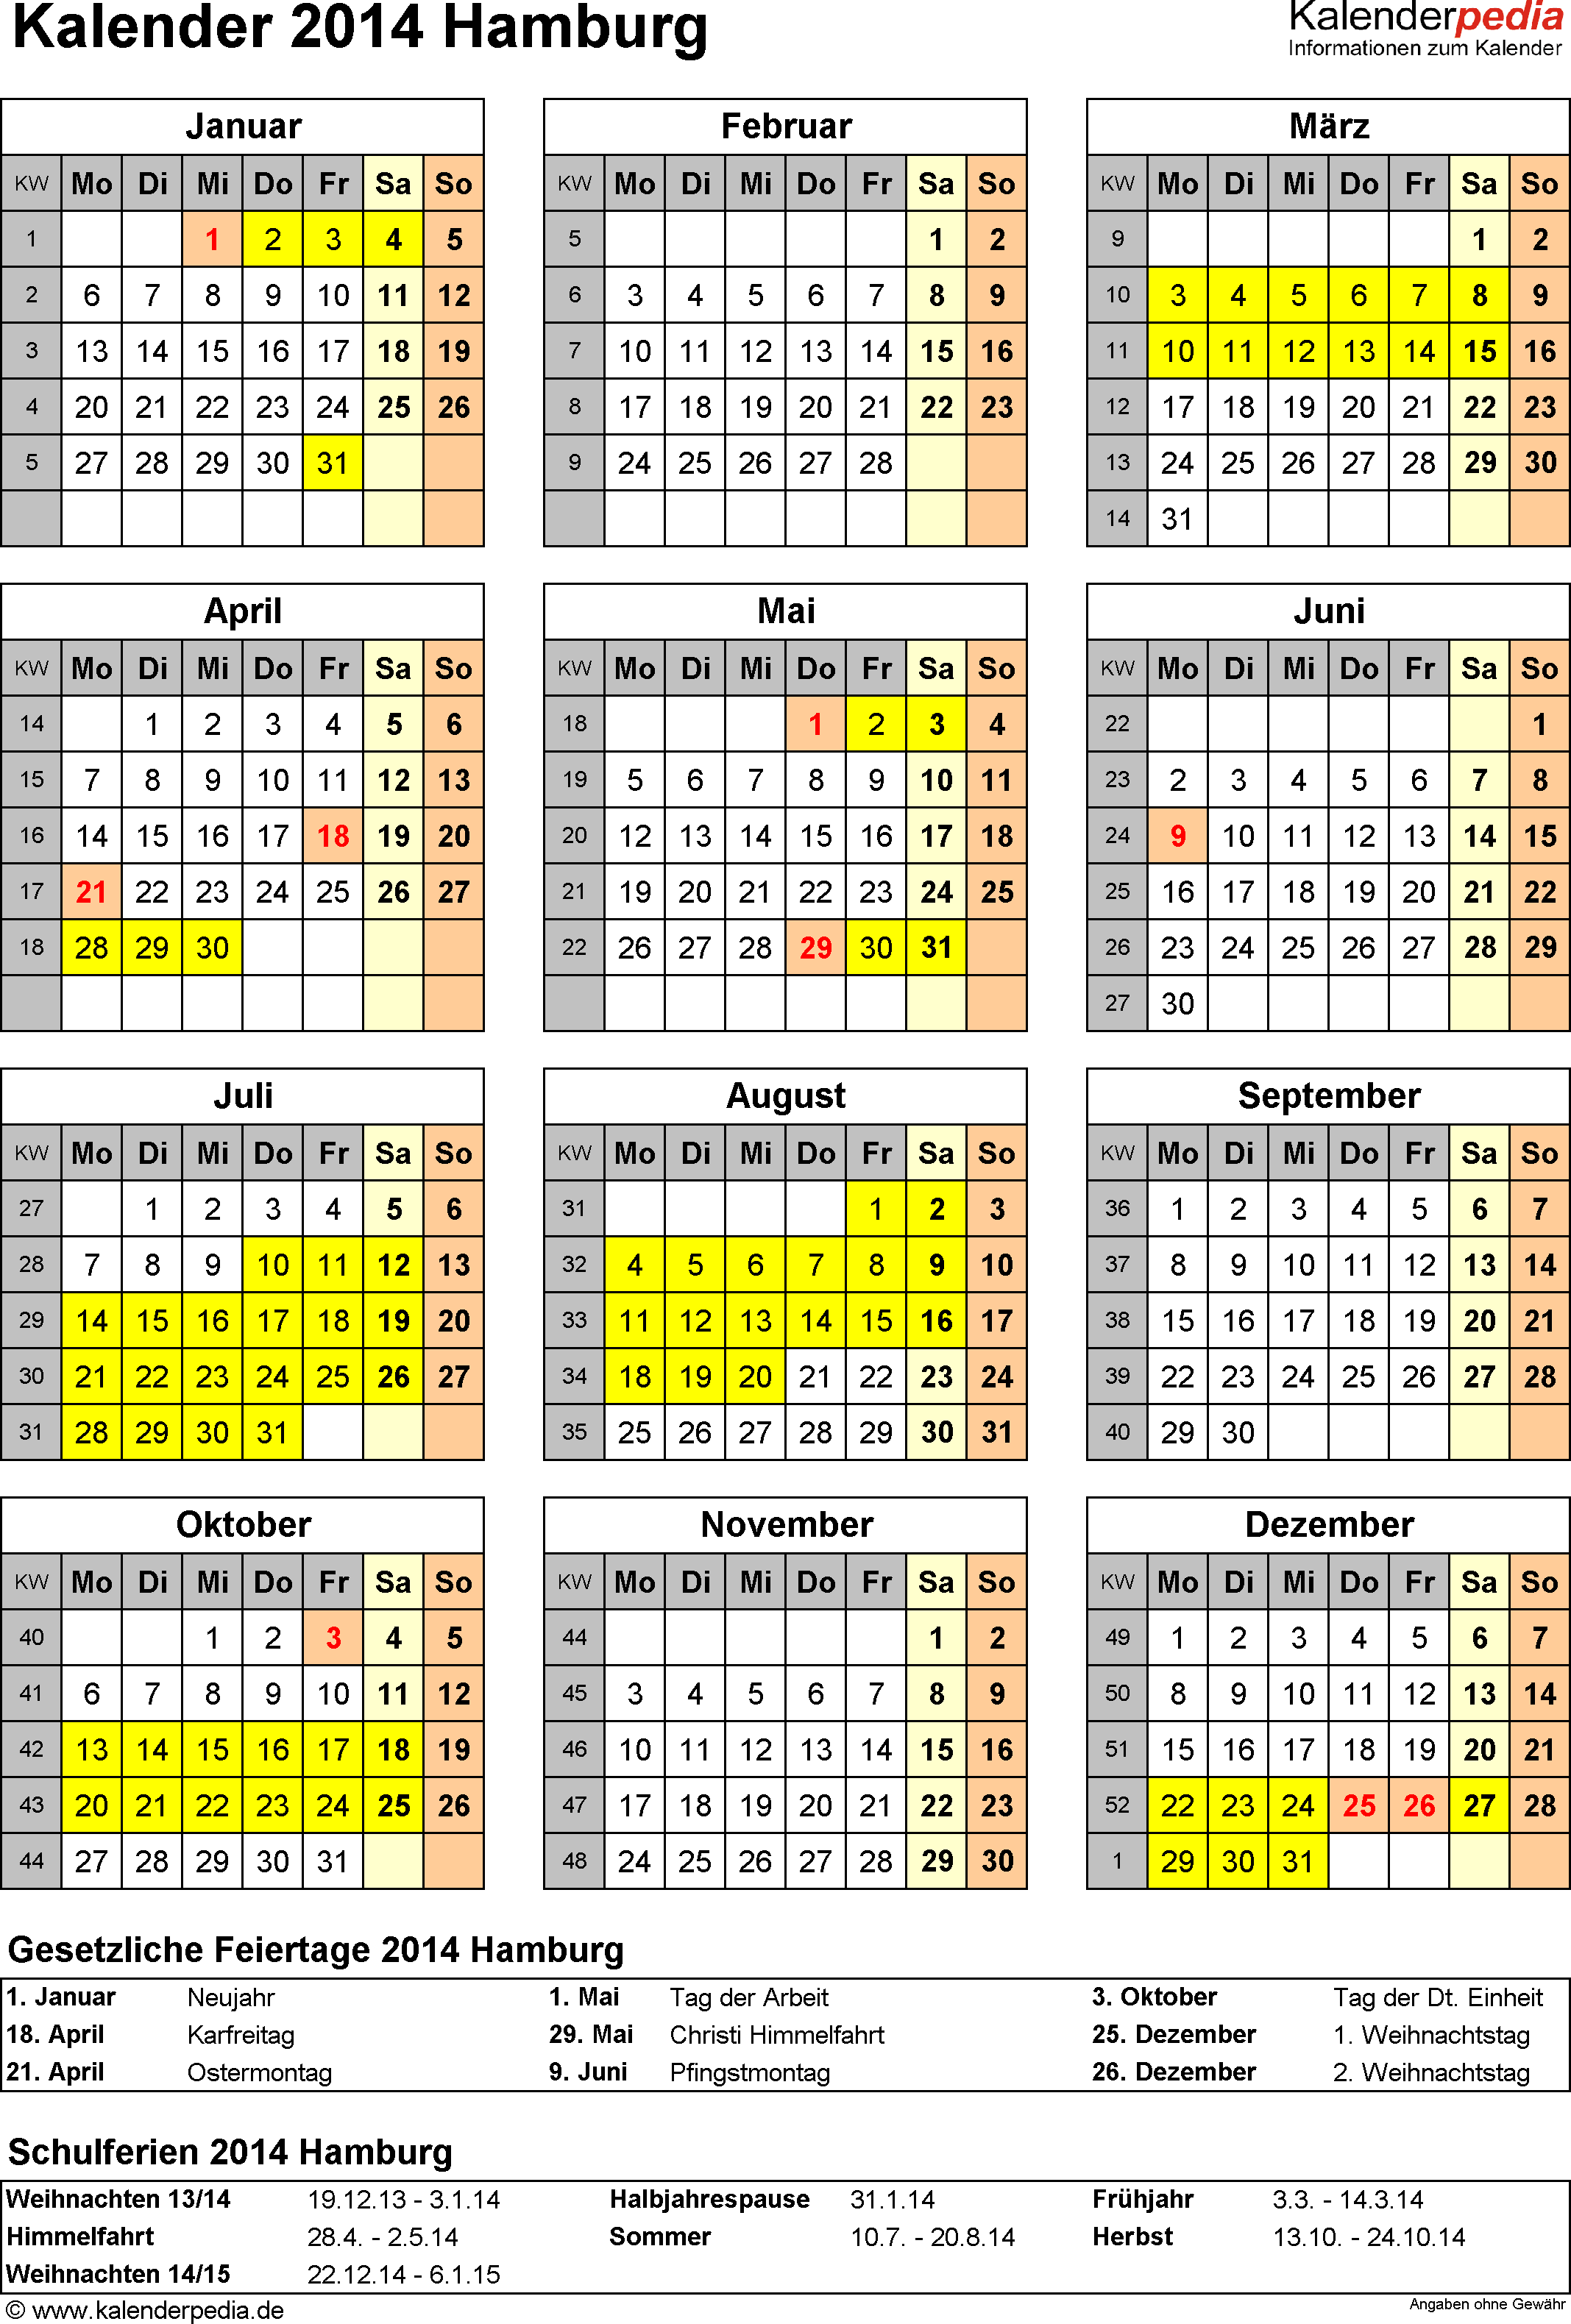 Vorlage 4: Kalender Hamburg 2014 als Word-Vorlage (Hochformat)